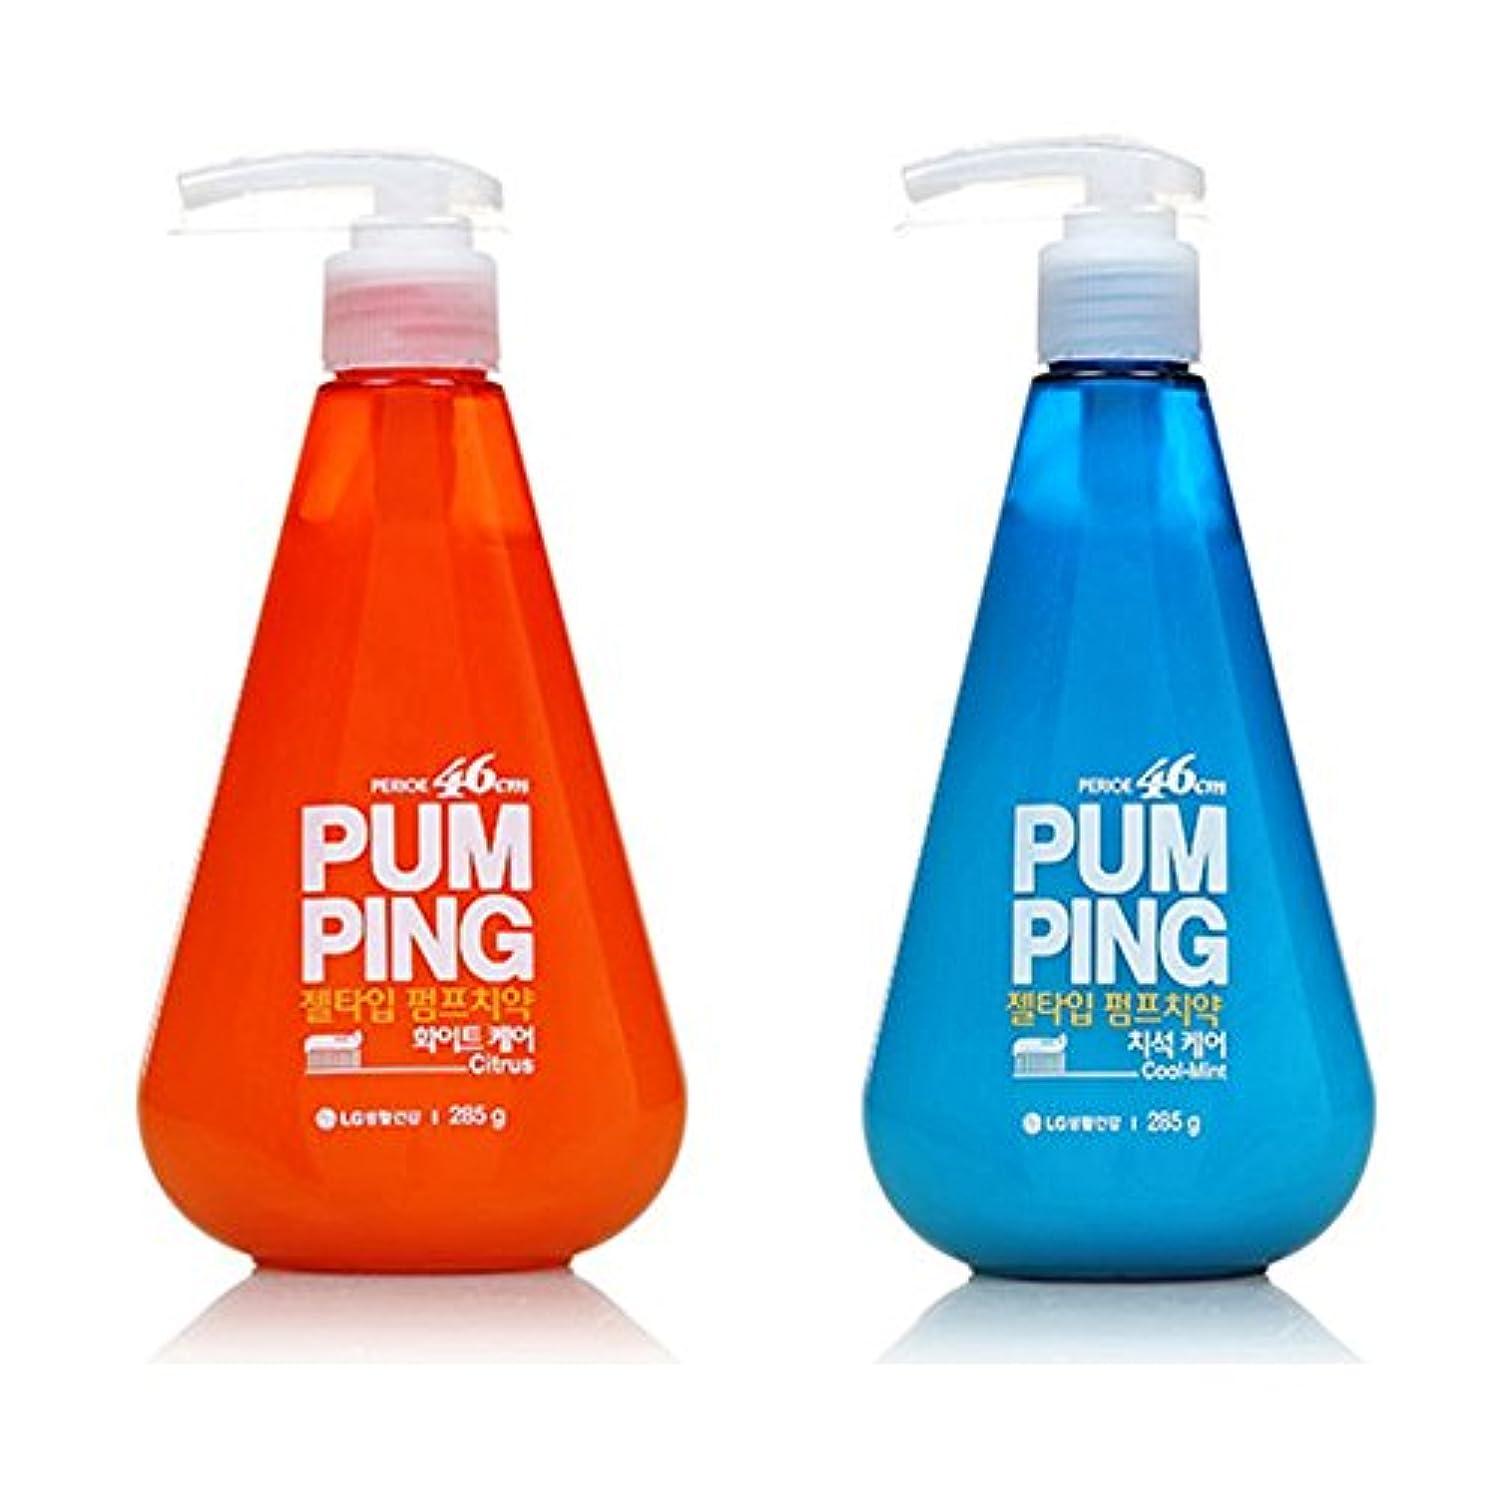 レイア乳製品囚人(ぺリオ) PERIO ソンジュンギ 歯磨き粉 ポンピング大容量 285g*2個 (シトラス+クールミント) [並行輸入品]